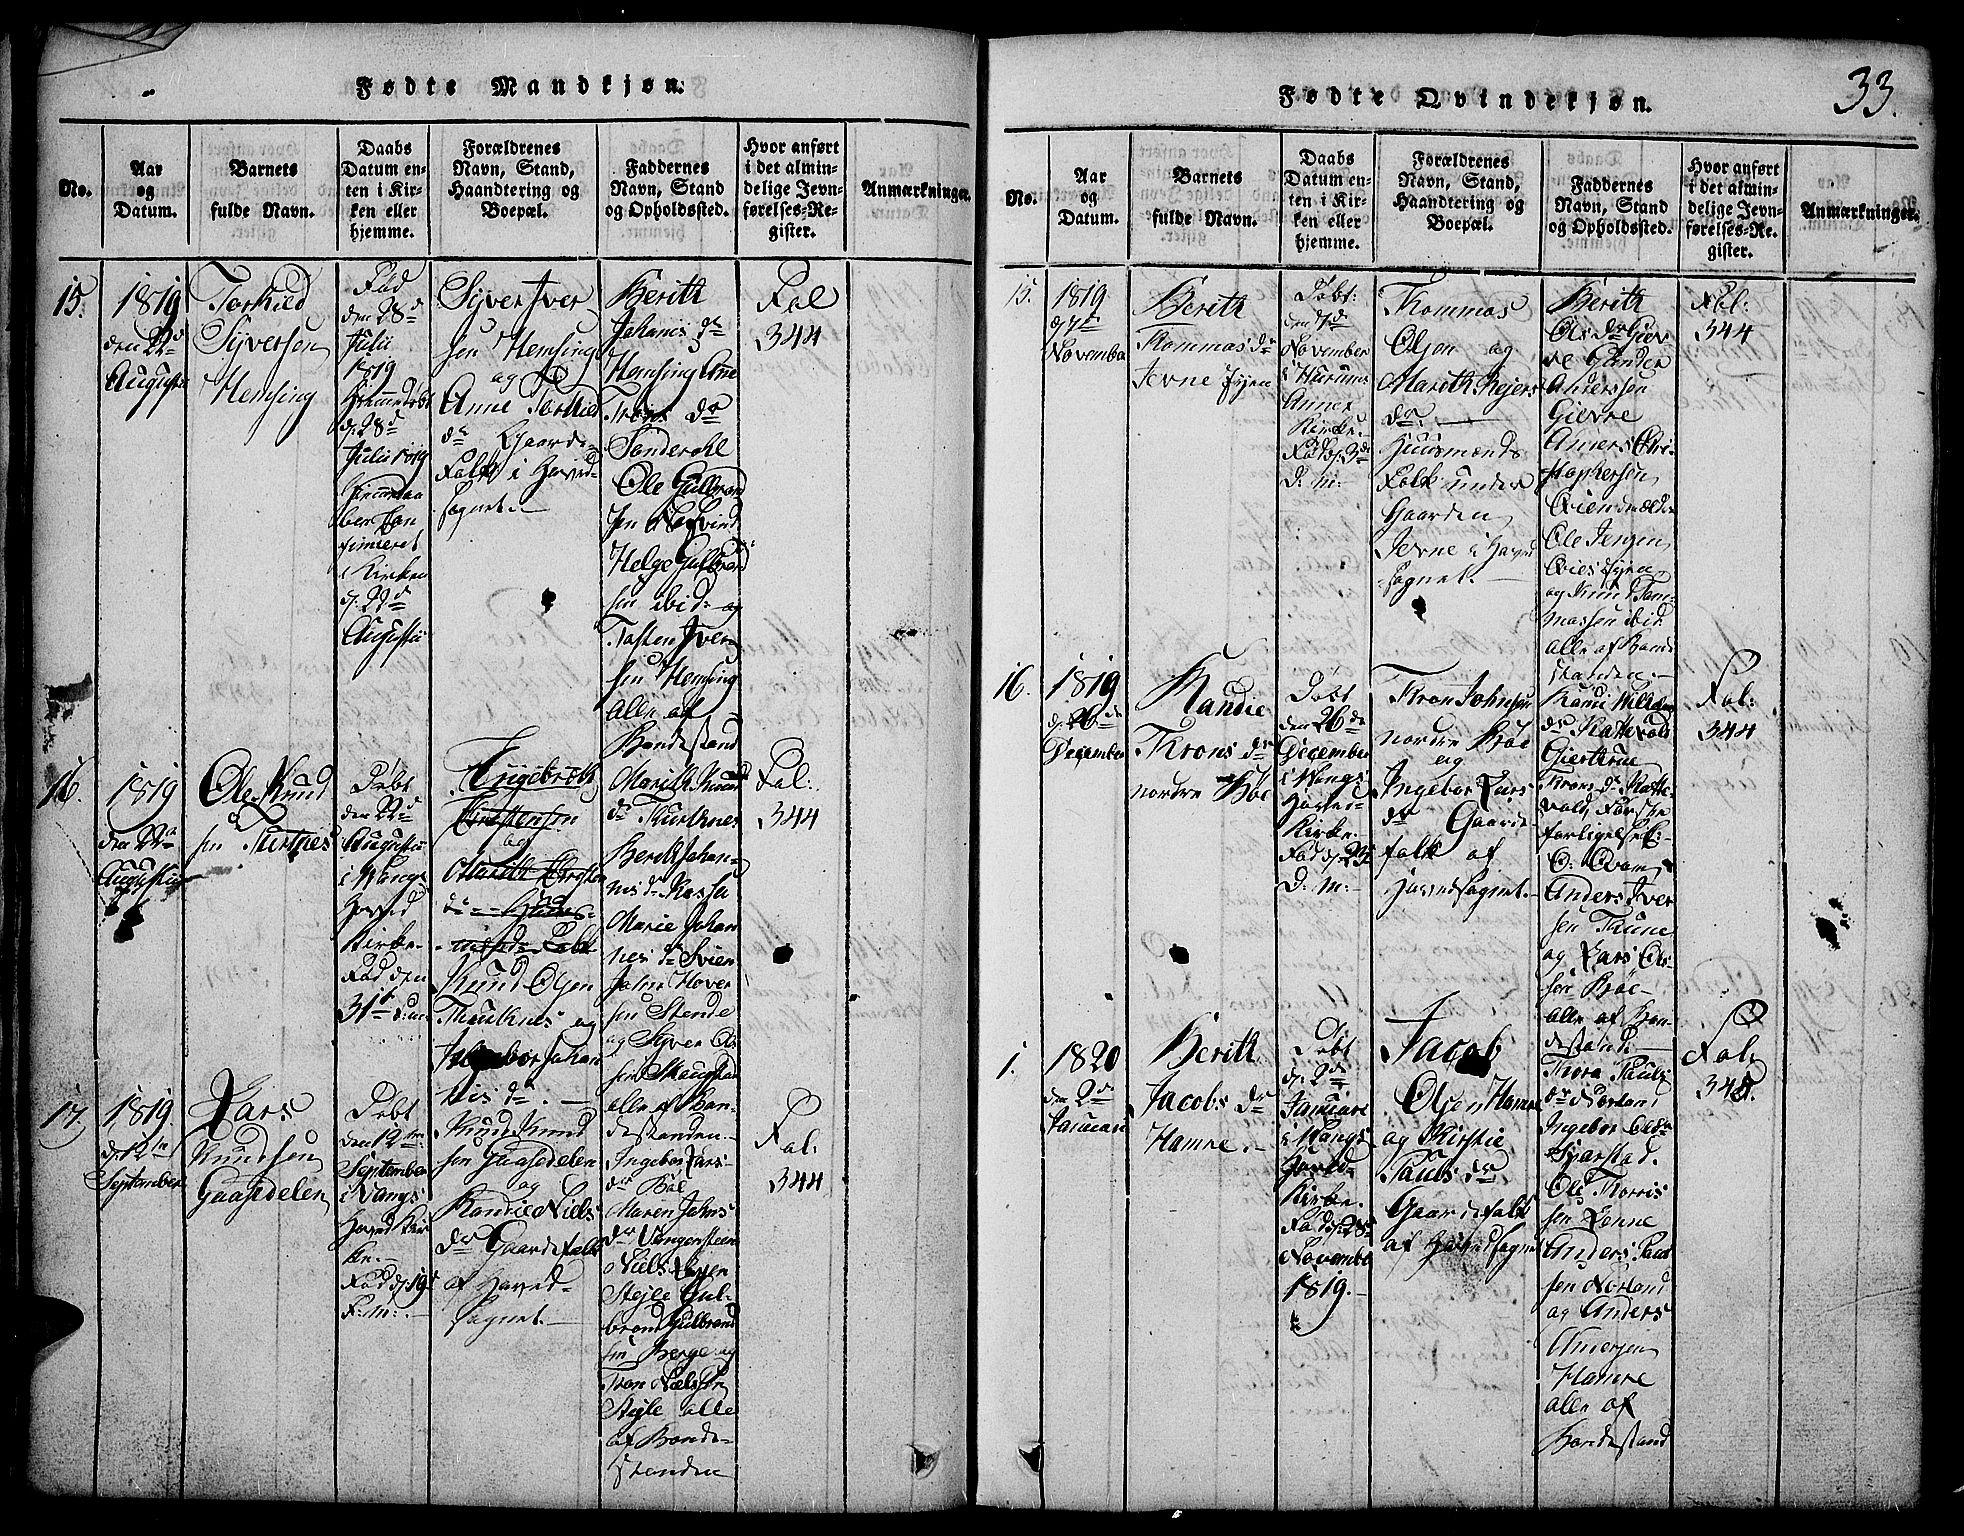 SAH, Vang prestekontor, Valdres, Klokkerbok nr. 2, 1814-1889, s. 33